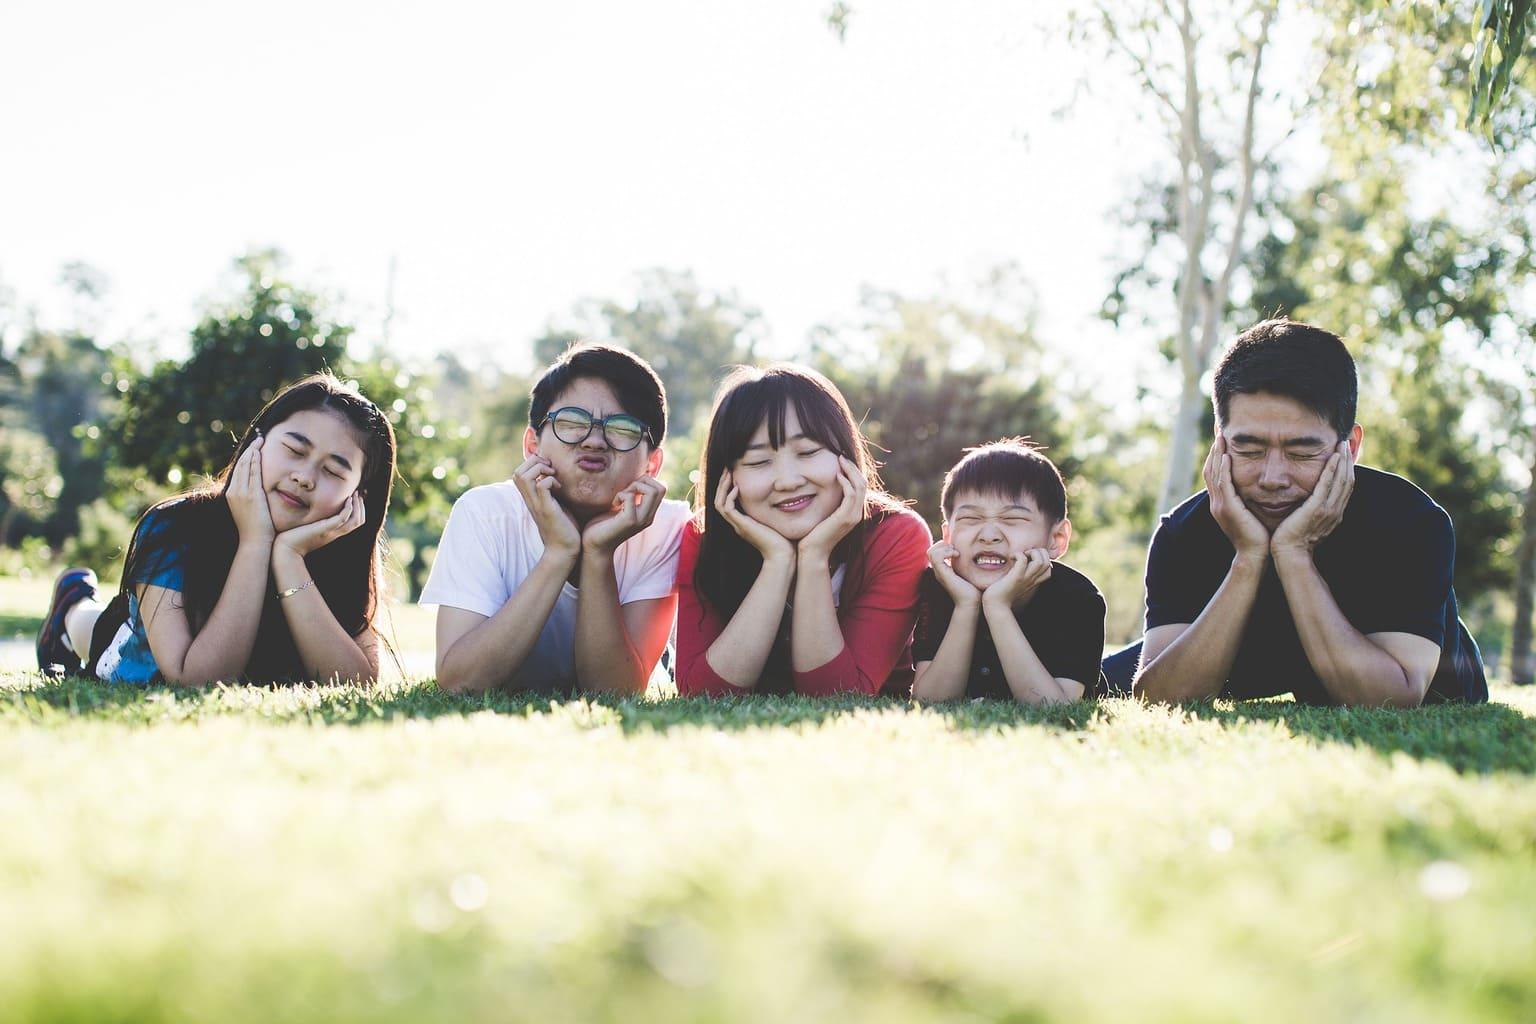 fotografía de una familia sonriendo